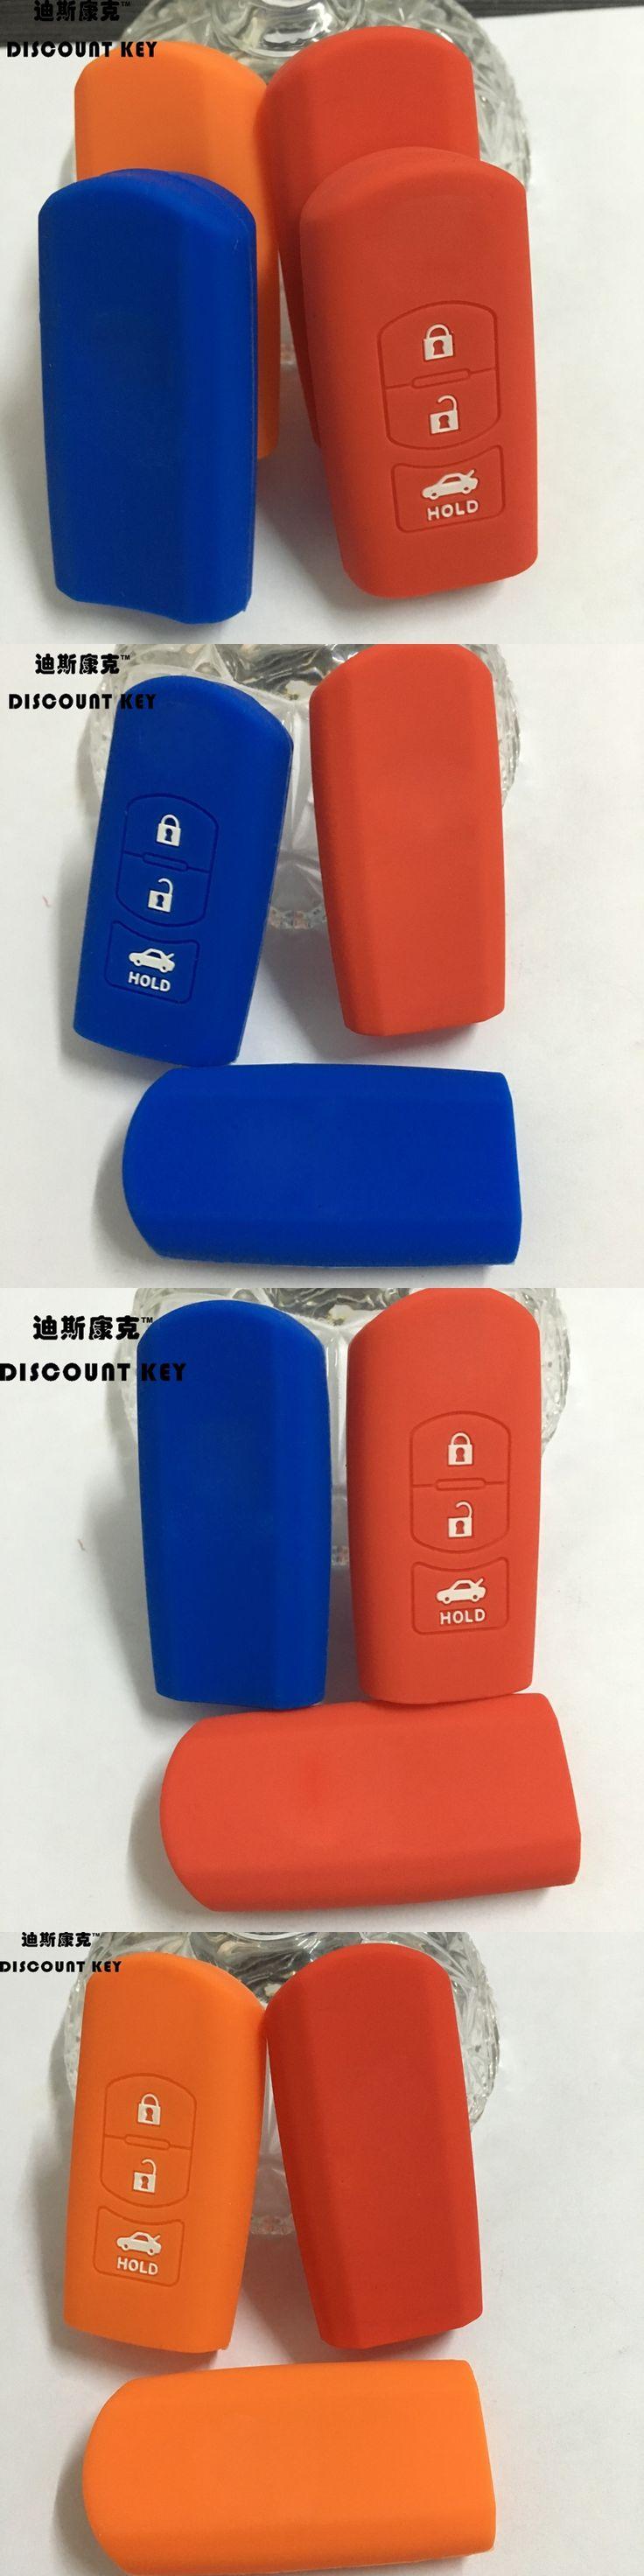 silicone Car remote key case ,auto key holder,key shell for Mazda cx-5,cx-7 3 ,5,6, auto accessories 3 buttons